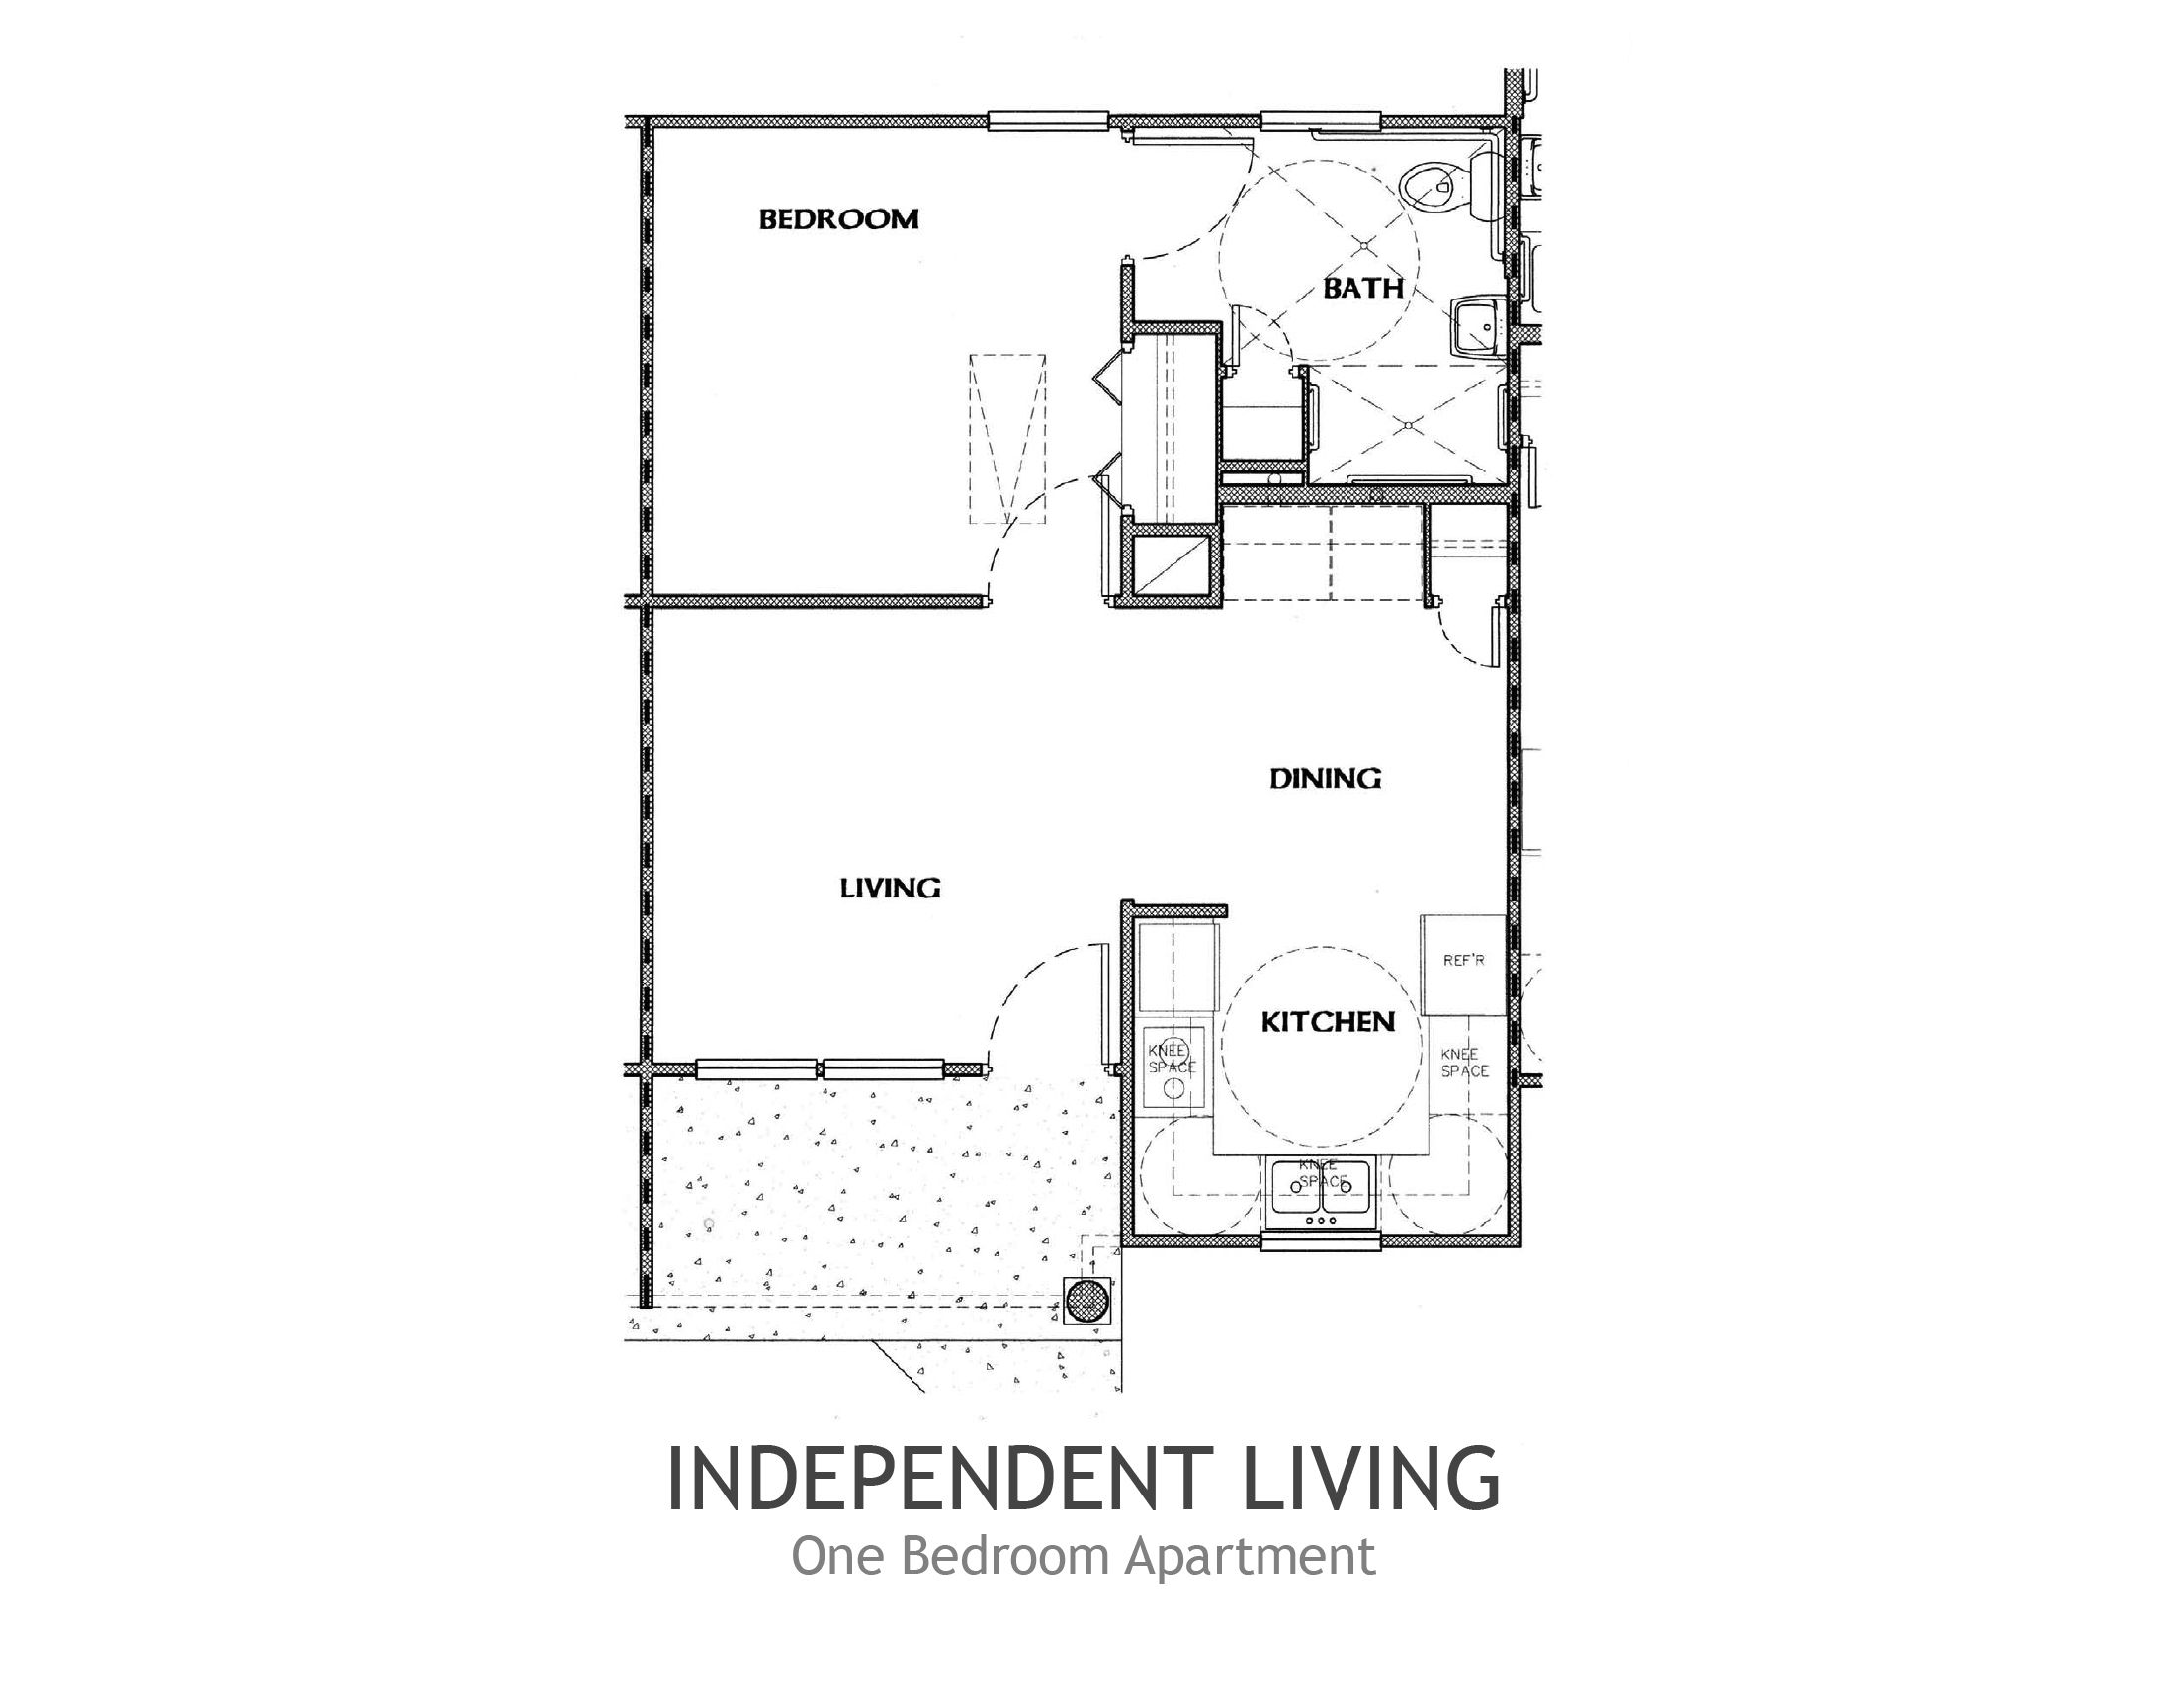 Handicap Apartment Floor Plans One Bedroom House Apartment Floor Plans One Bedroom House Plans